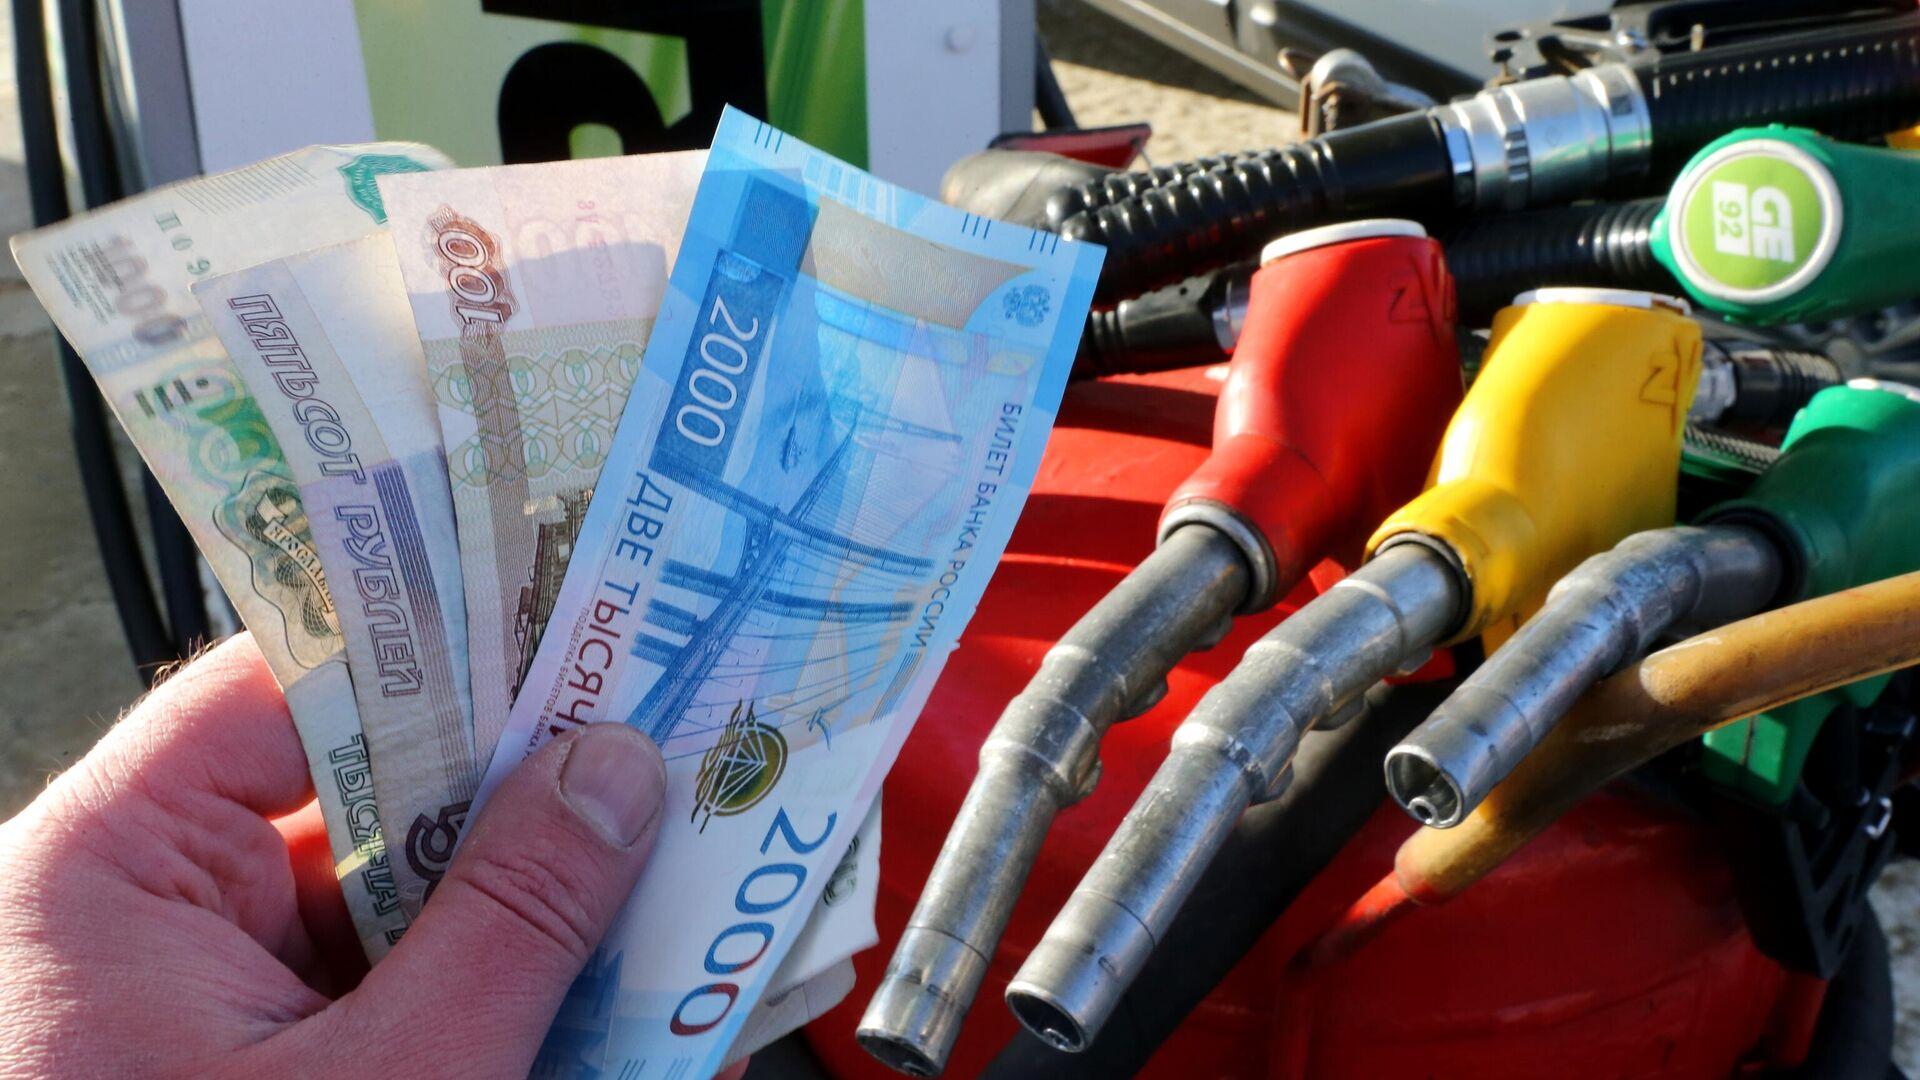 Деньги на оплату топлива в руке мужчины на АЗС сети ННК в Хабаровске - РИА Новости, 1920, 14.07.2021